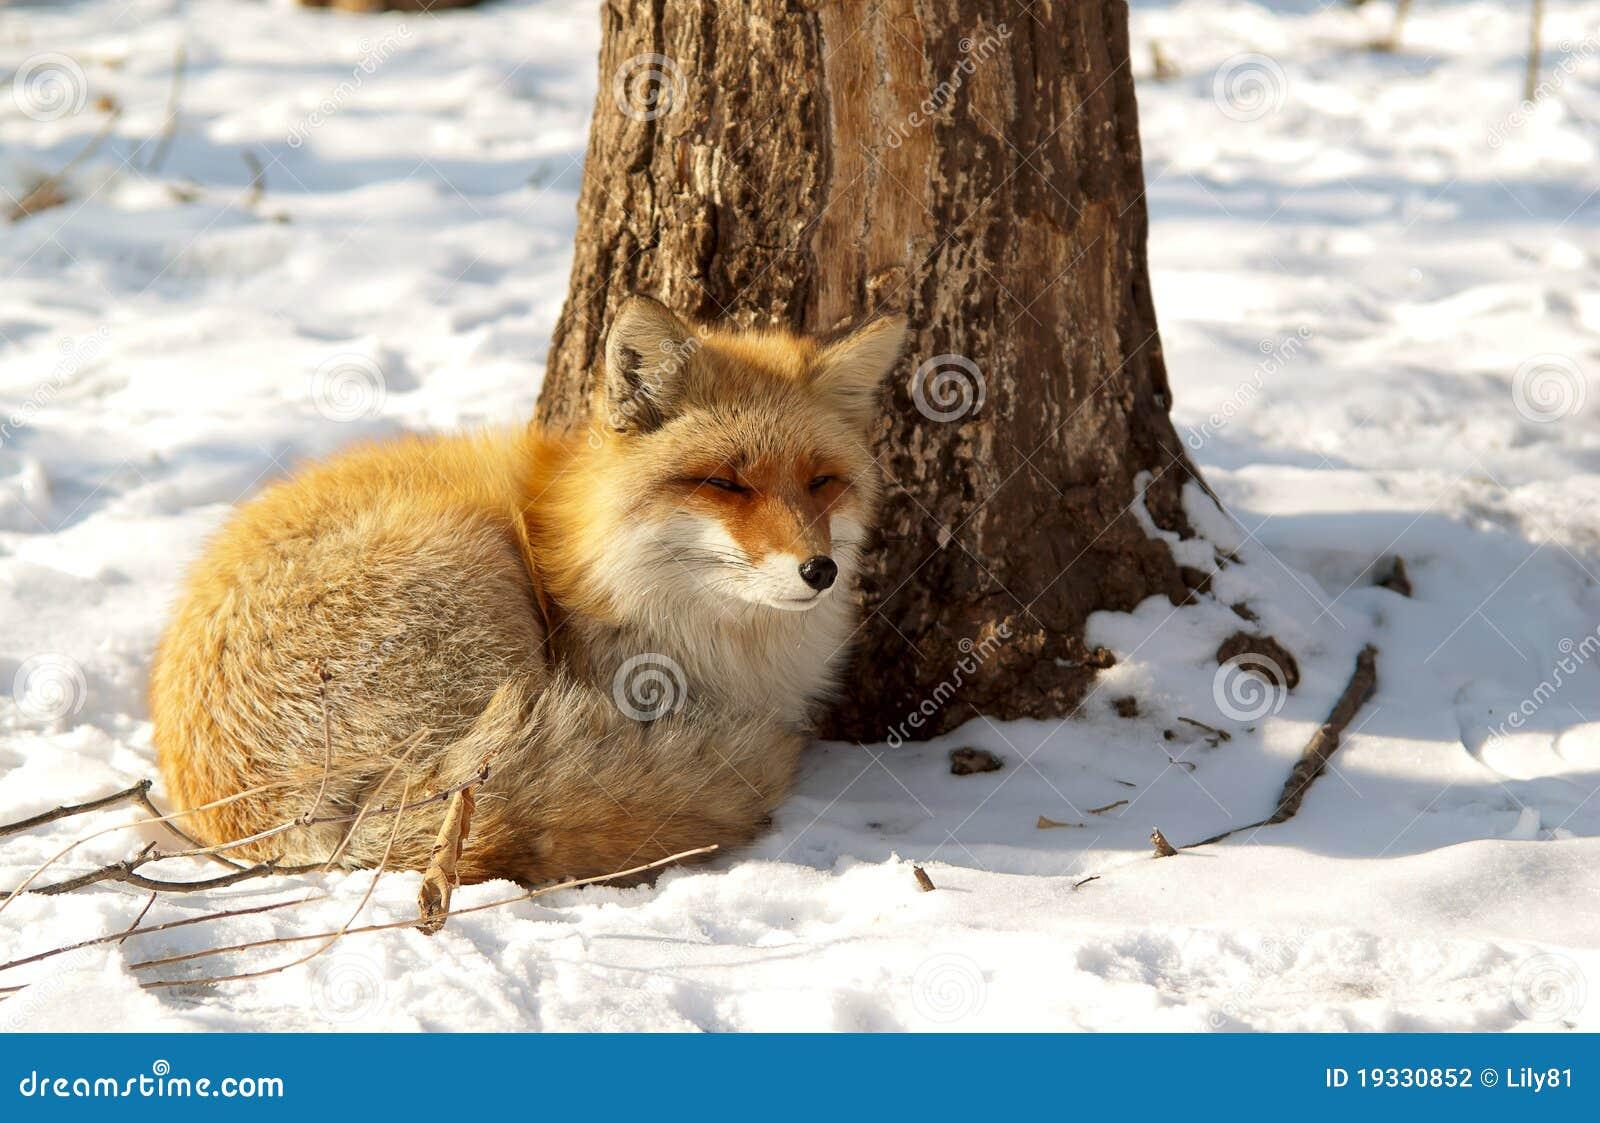 Roter Fuchs Im Winter Stockfoto Bild Von Pelz Wald 19330852